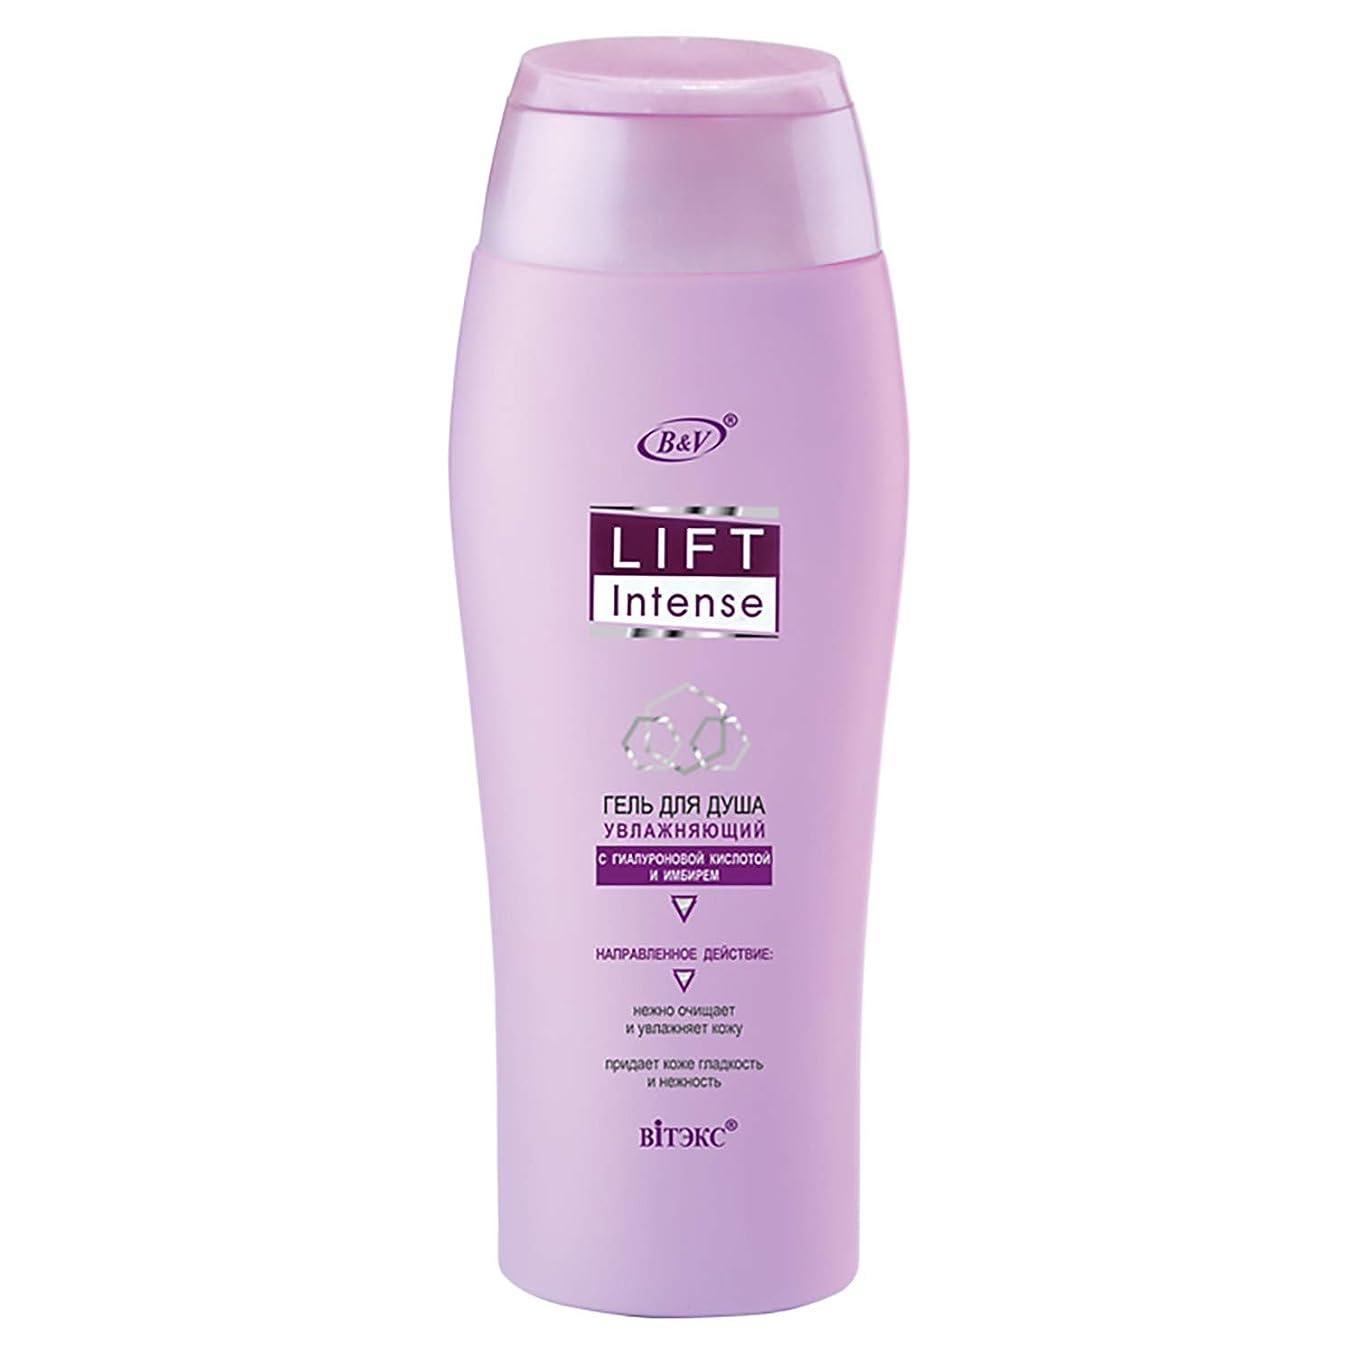 くすぐったい所有権犯罪Bielita & Vitex | LIFT INTENSE | Hydrating Shower Gel with hyaluronic acid and ginger (300 ml)